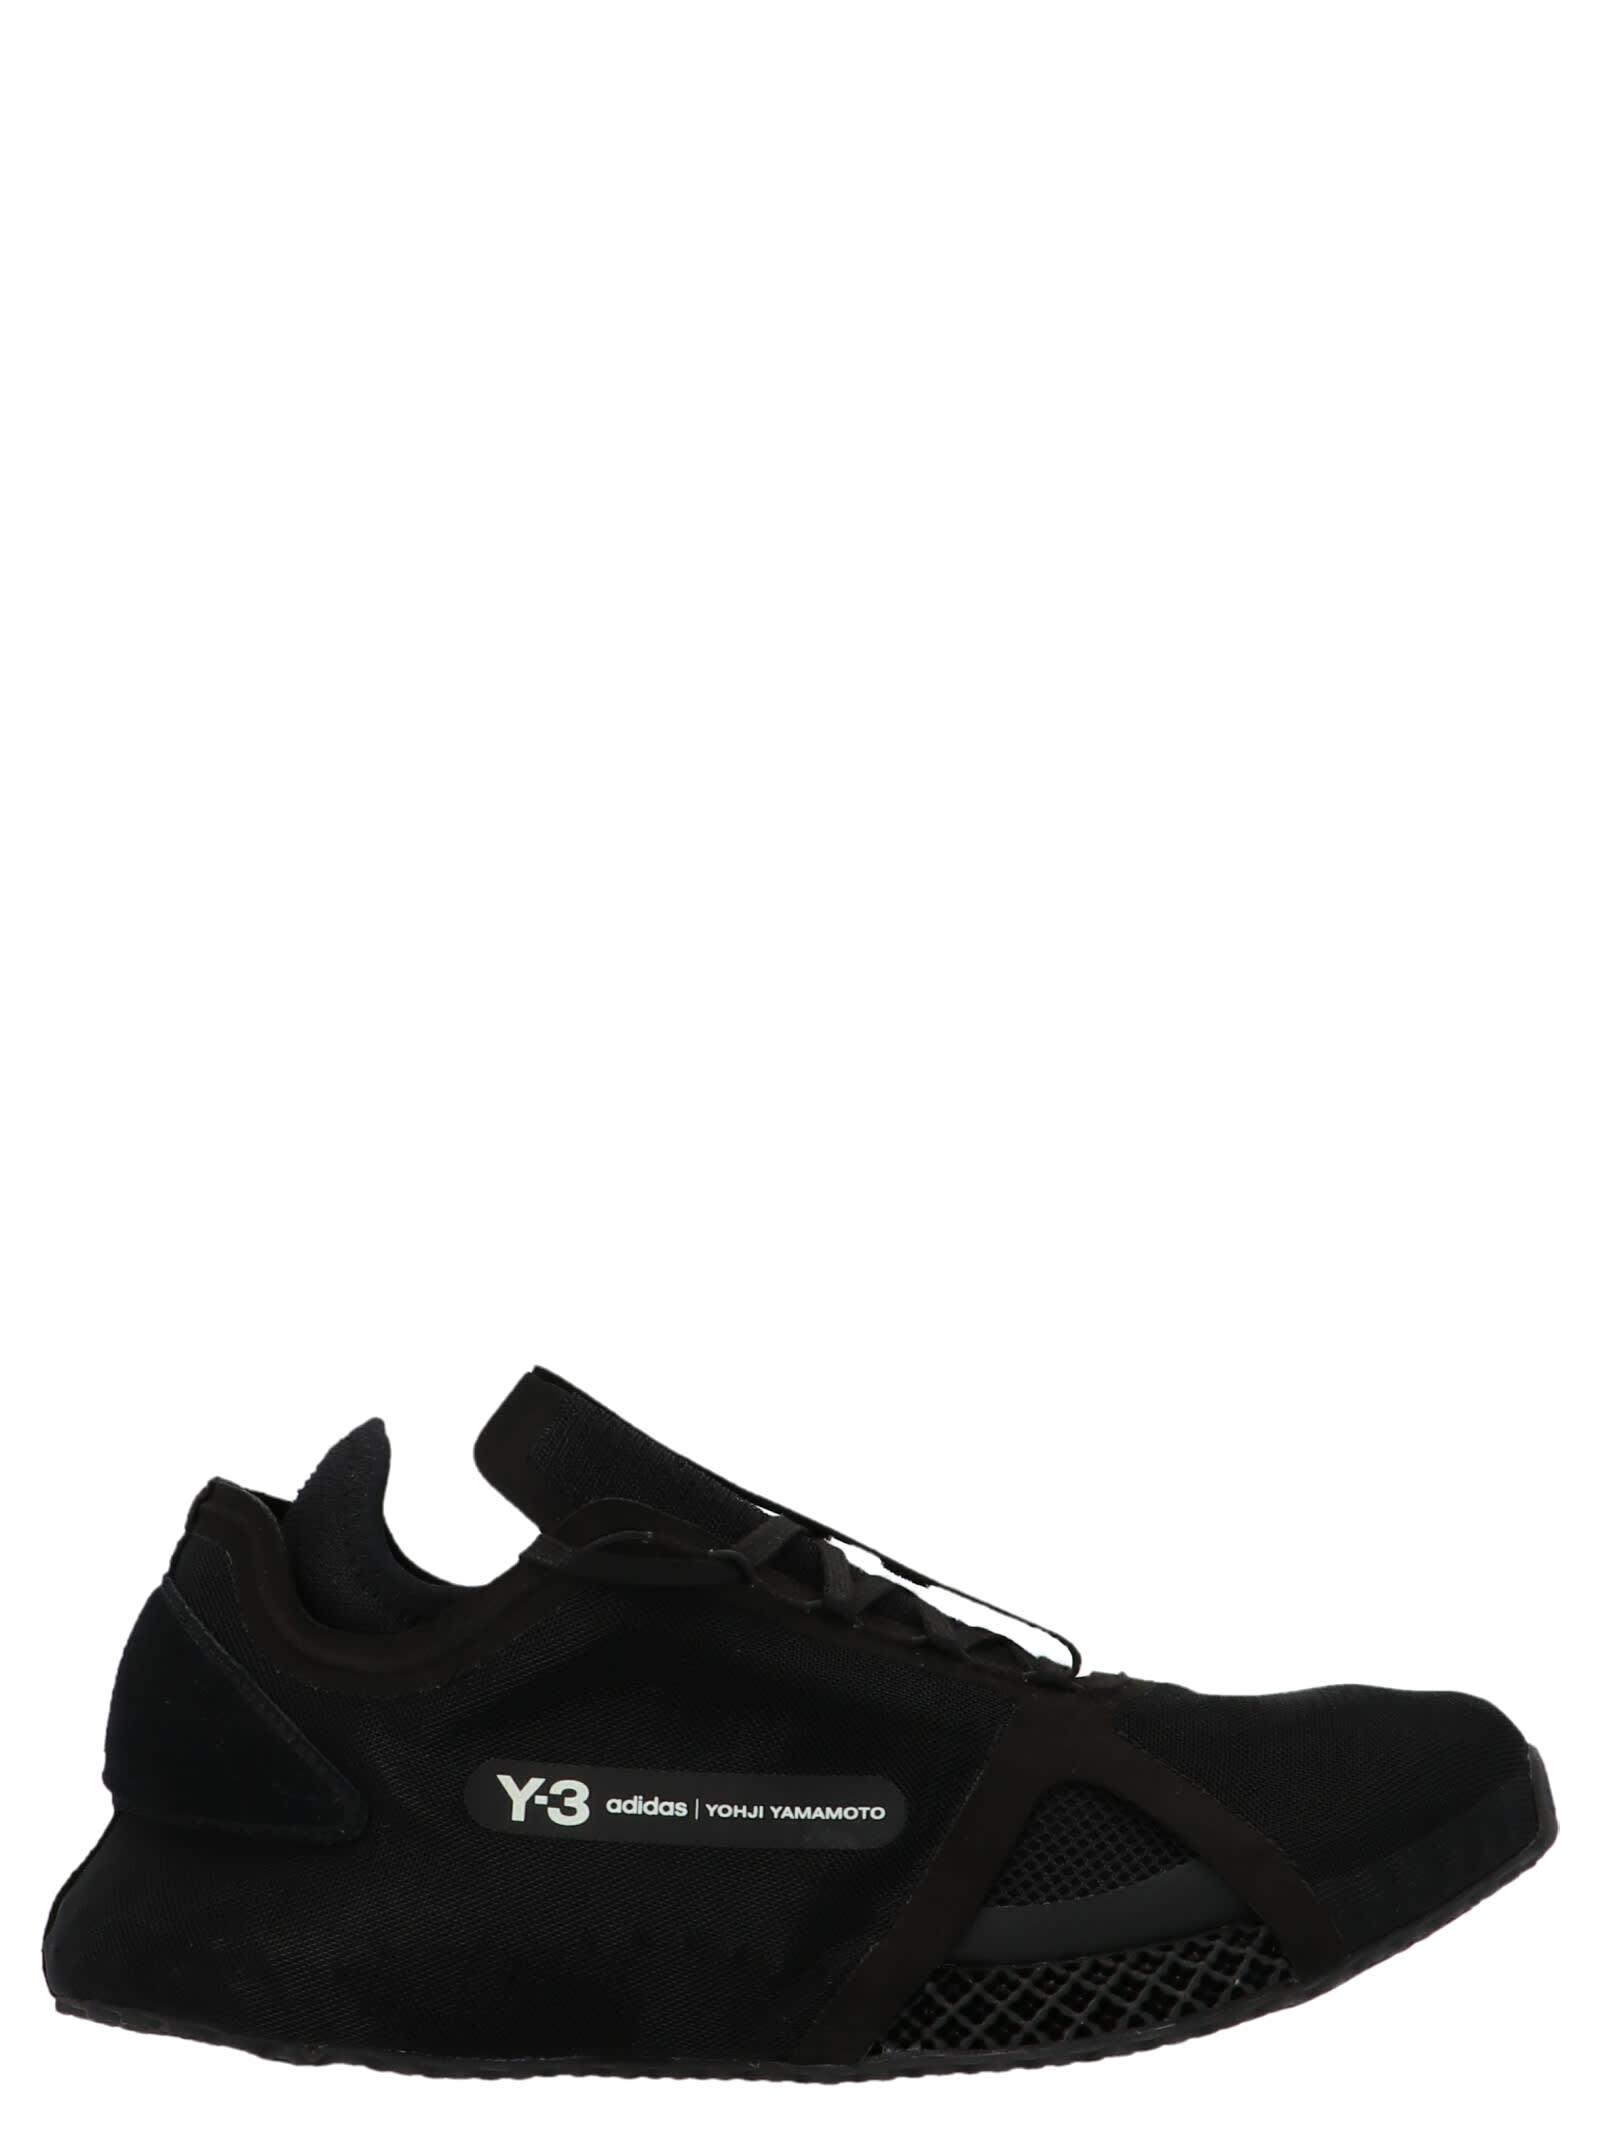 Y-3 Activewears RUNNER 4D SHOES